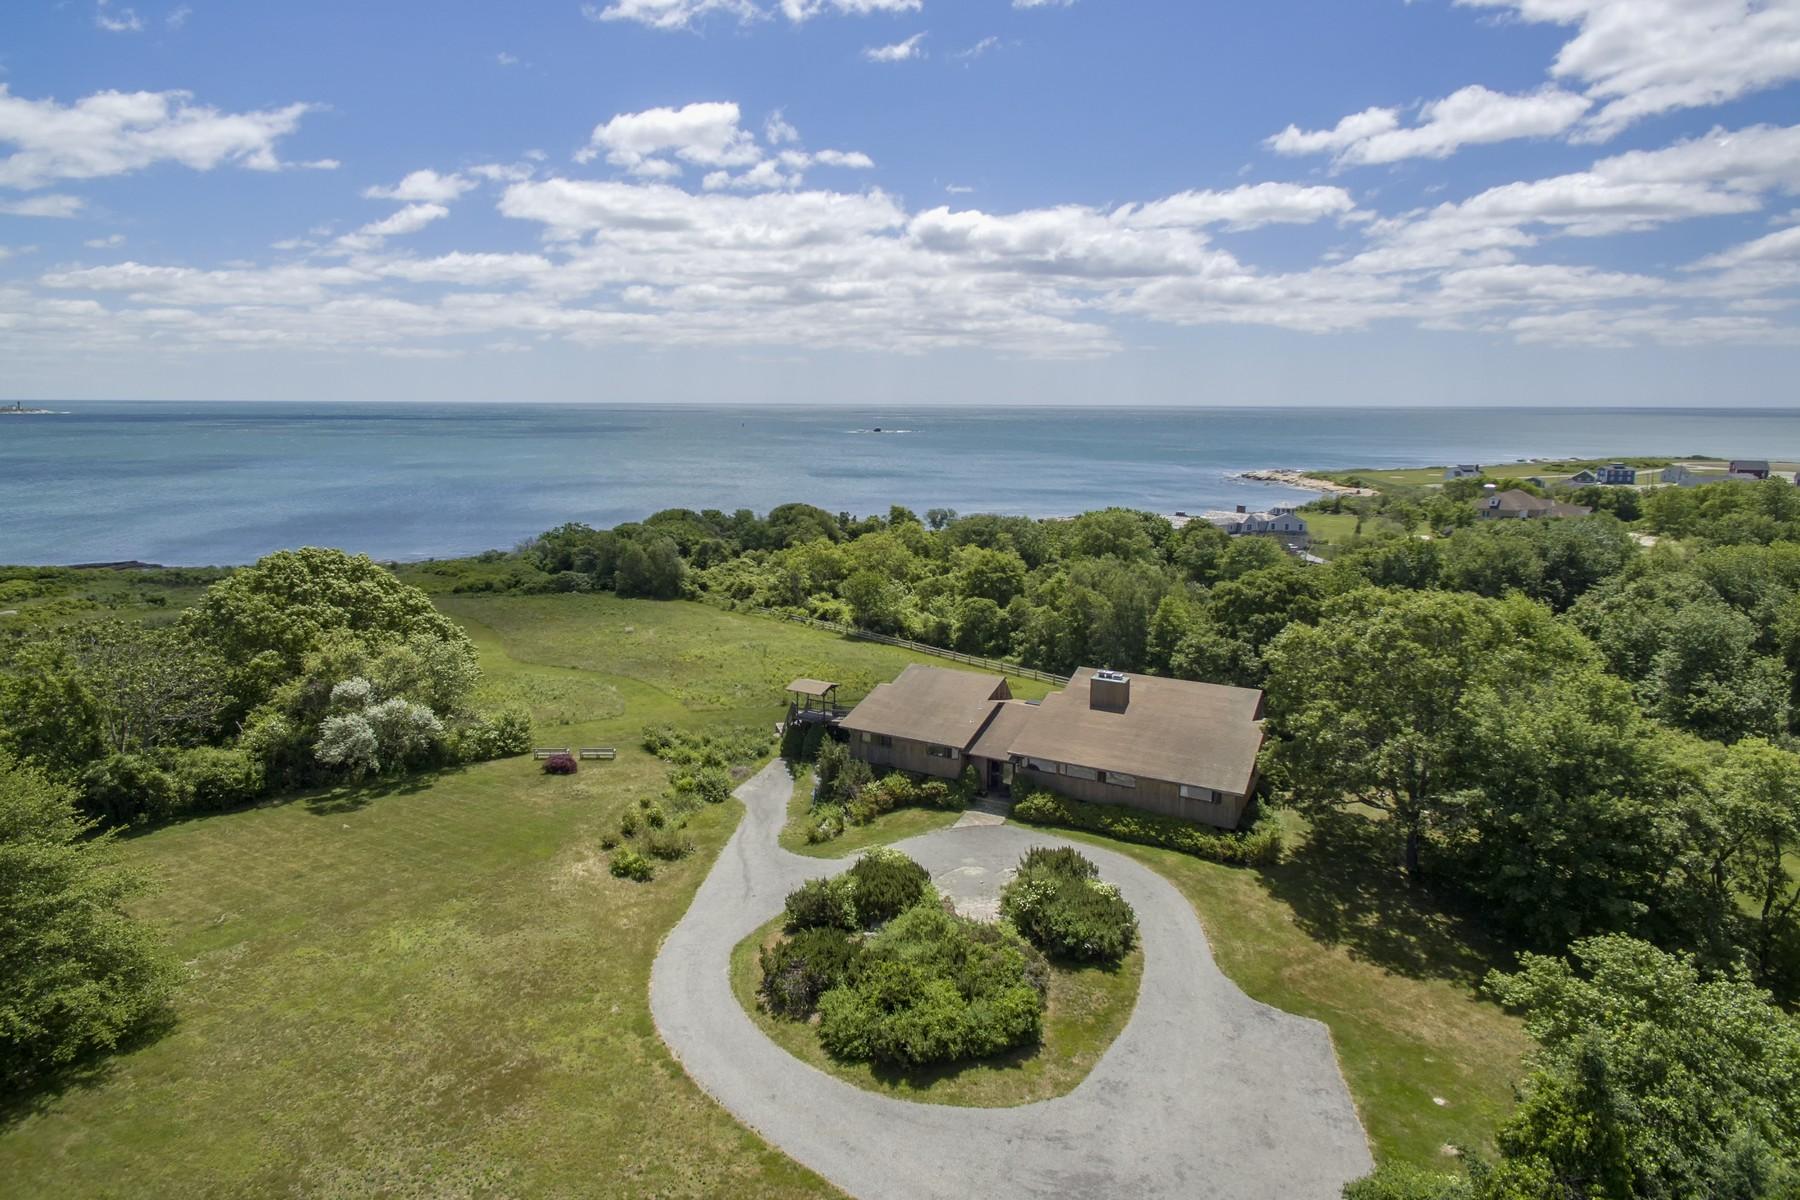 独户住宅 为 销售 在 35 Peaked Rock Rd, Narragansett, RI 纳拉甘西特, 罗得岛, 02882 美国